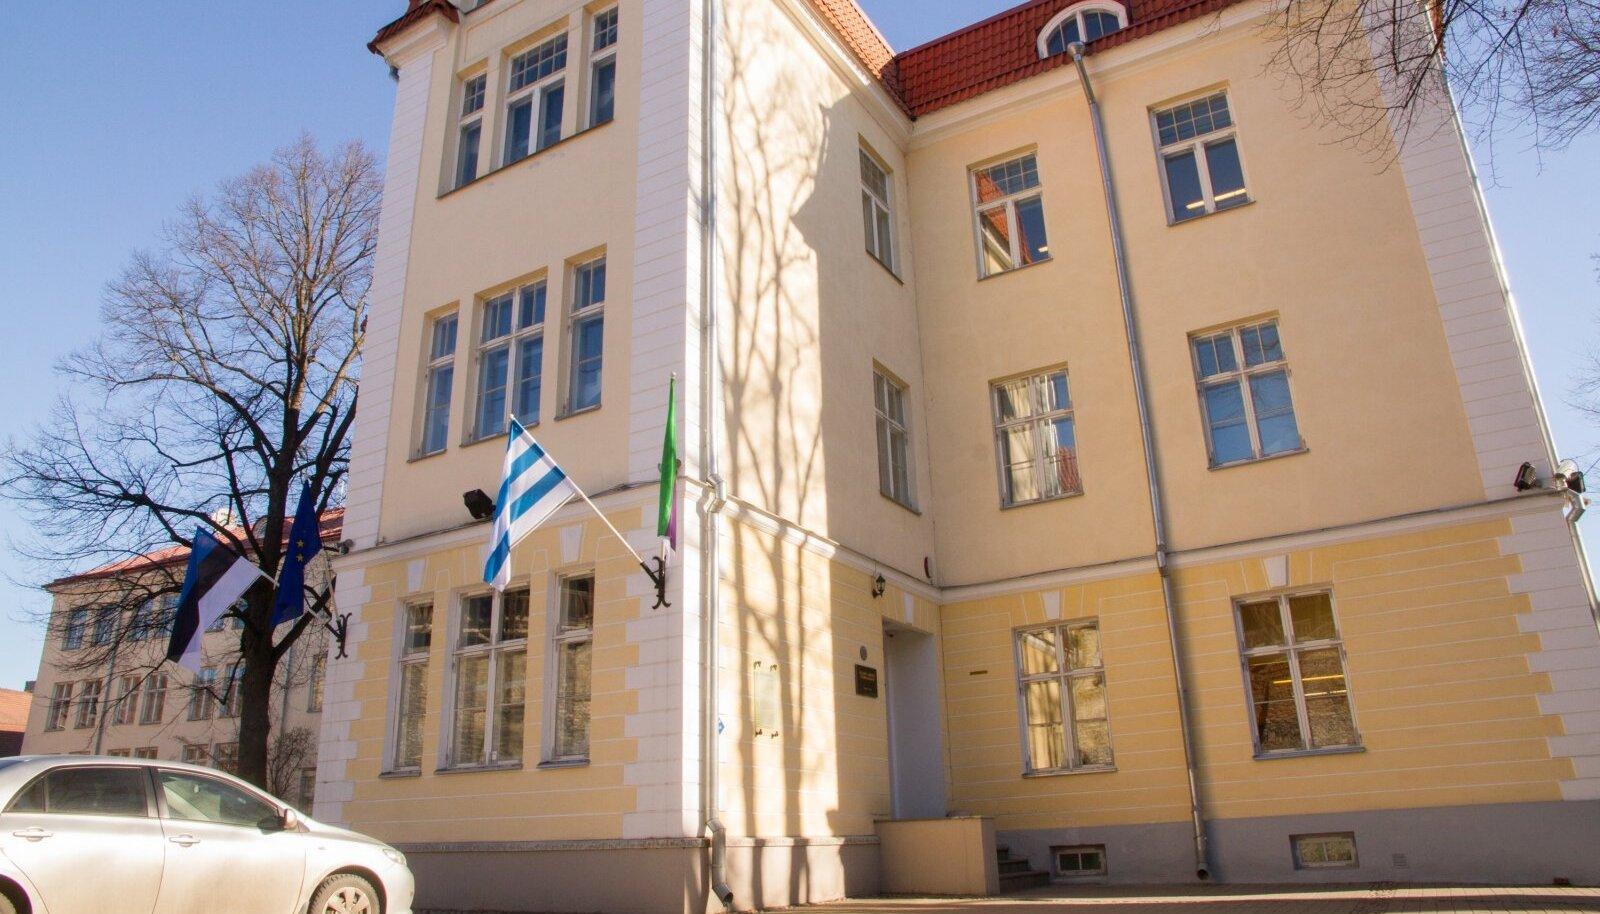 Gustav Adolfi gümnaasiumi koolimaja.